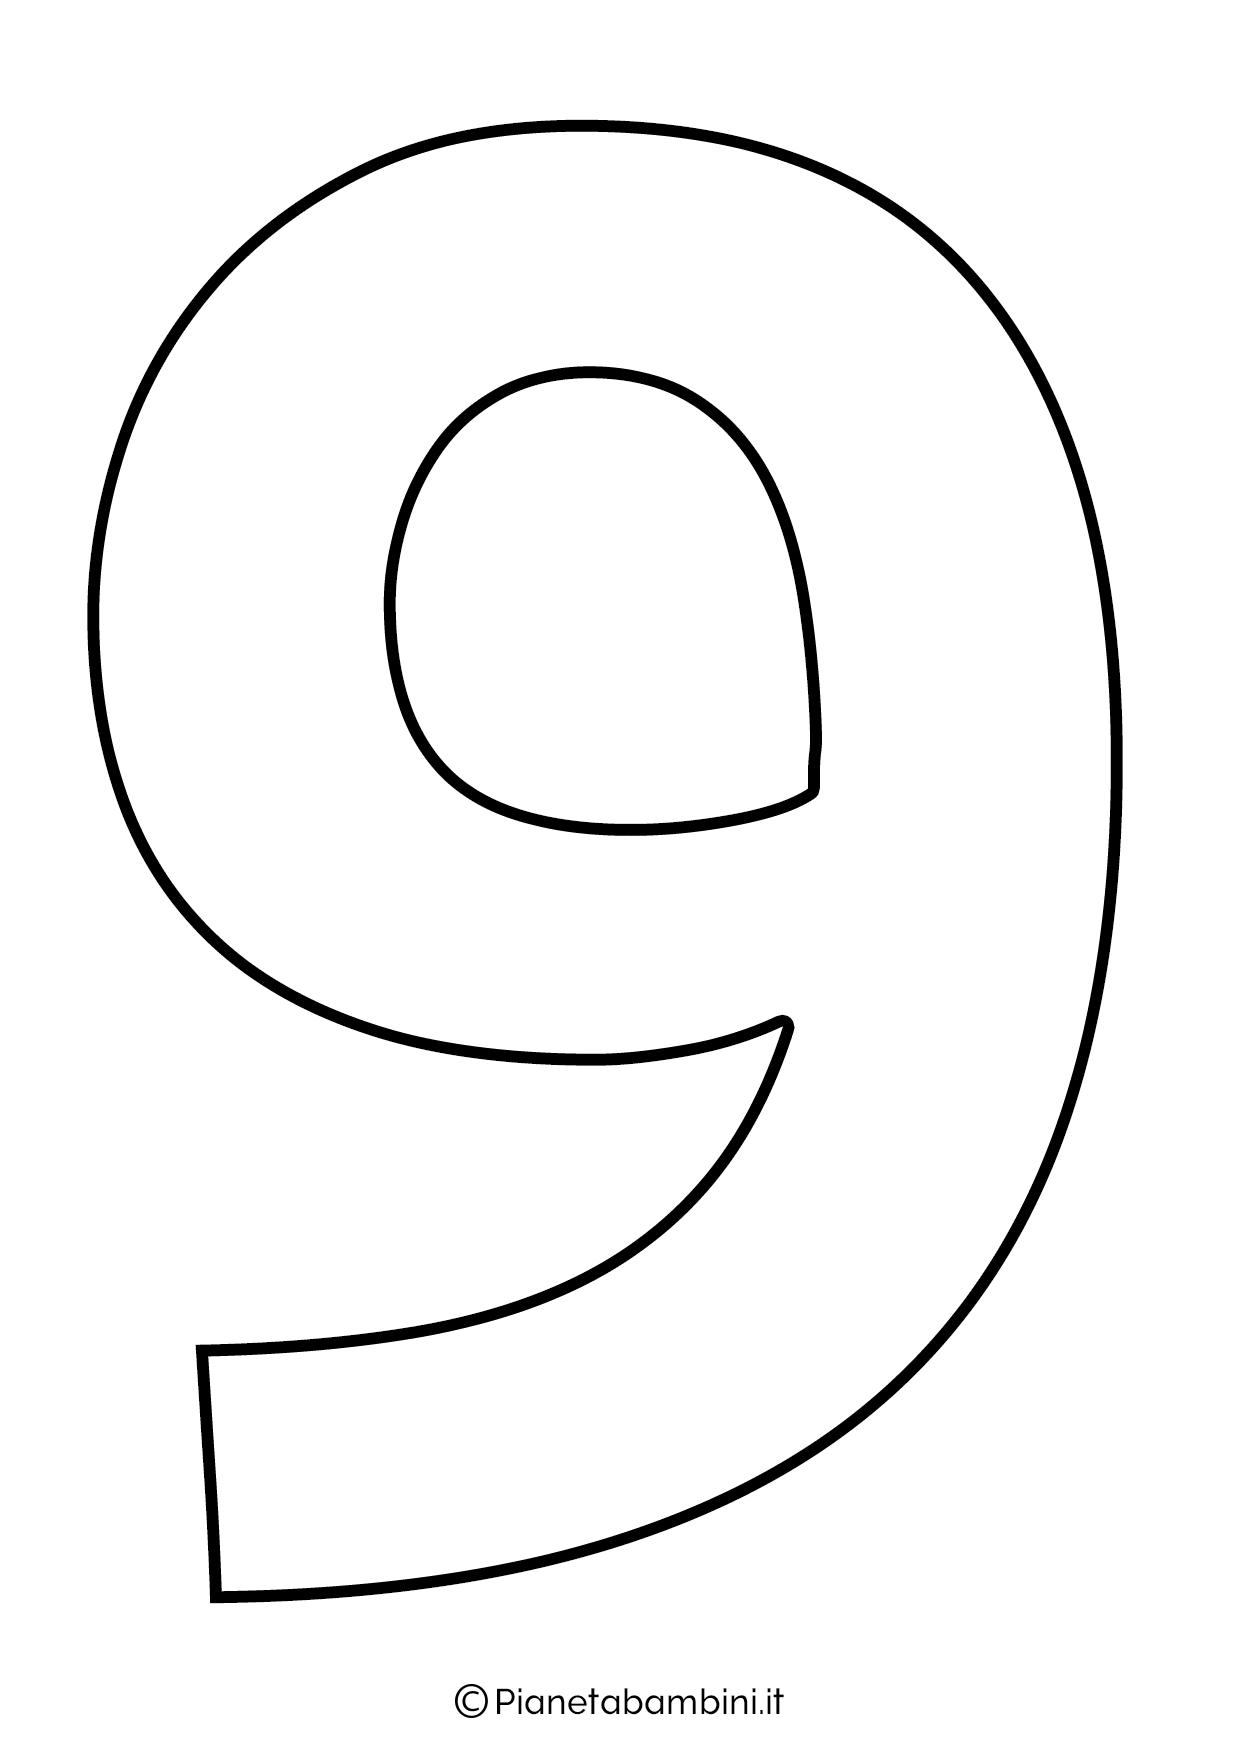 Numero 9 da stampare